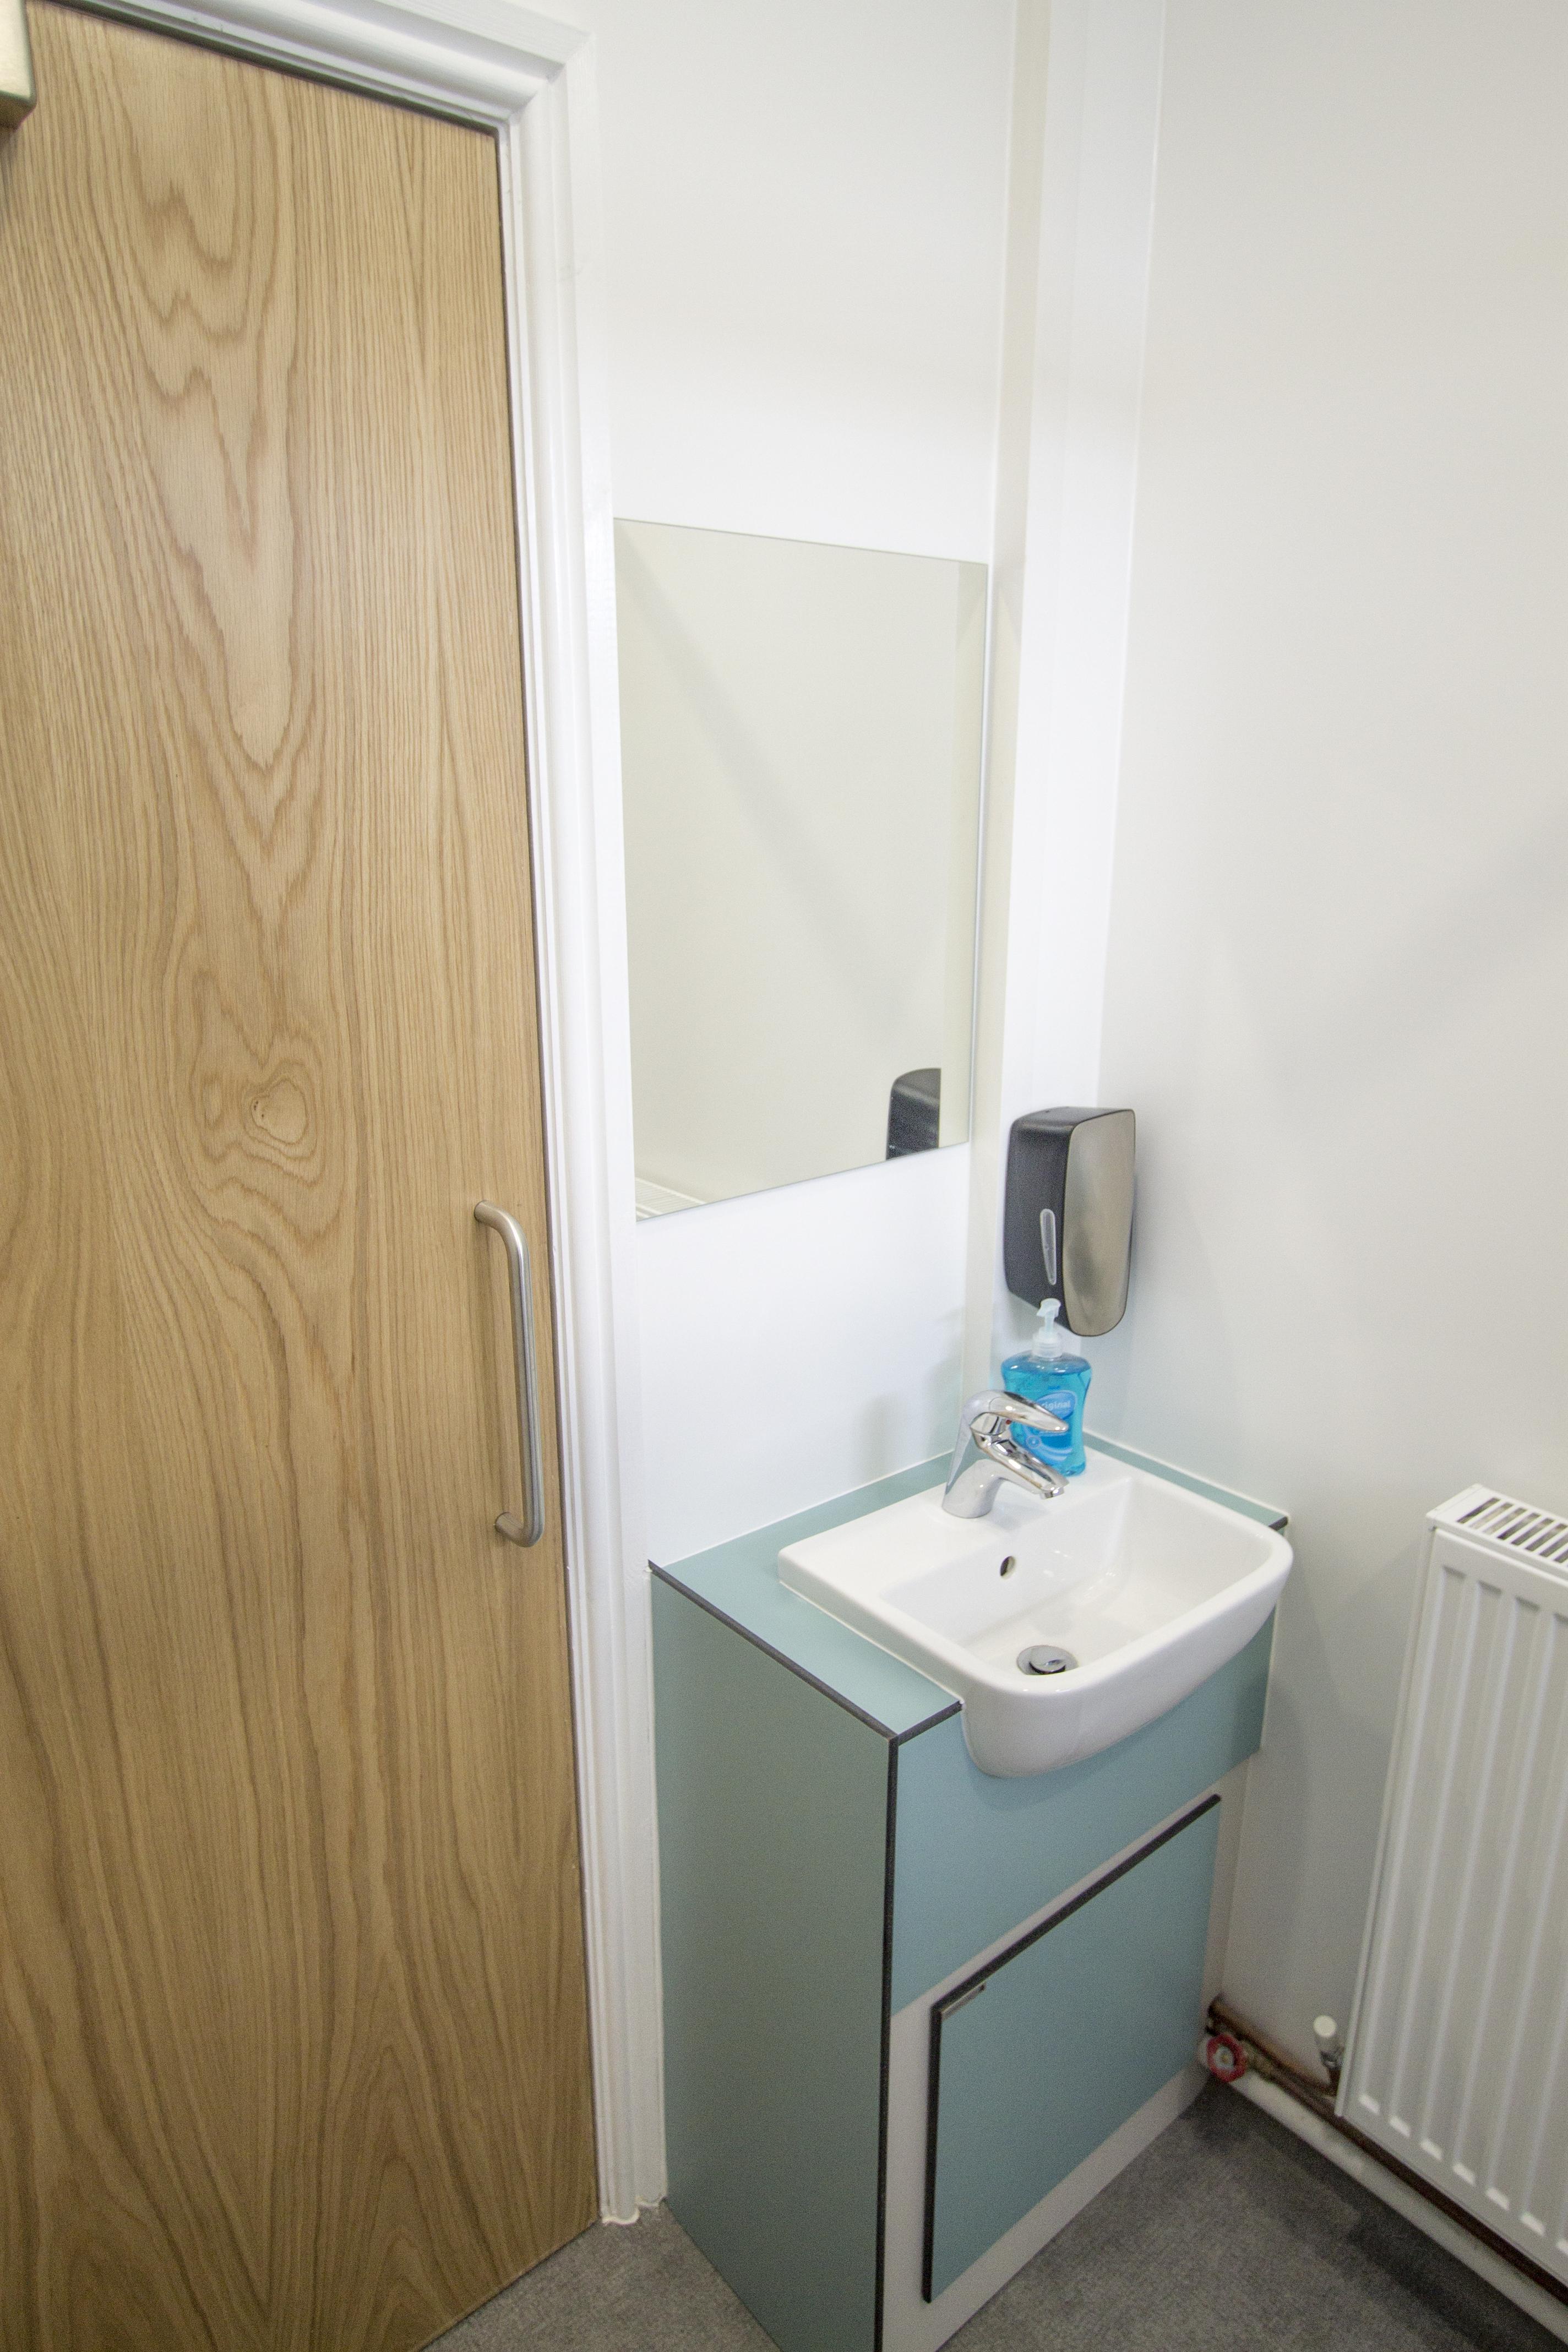 Single washroom sink